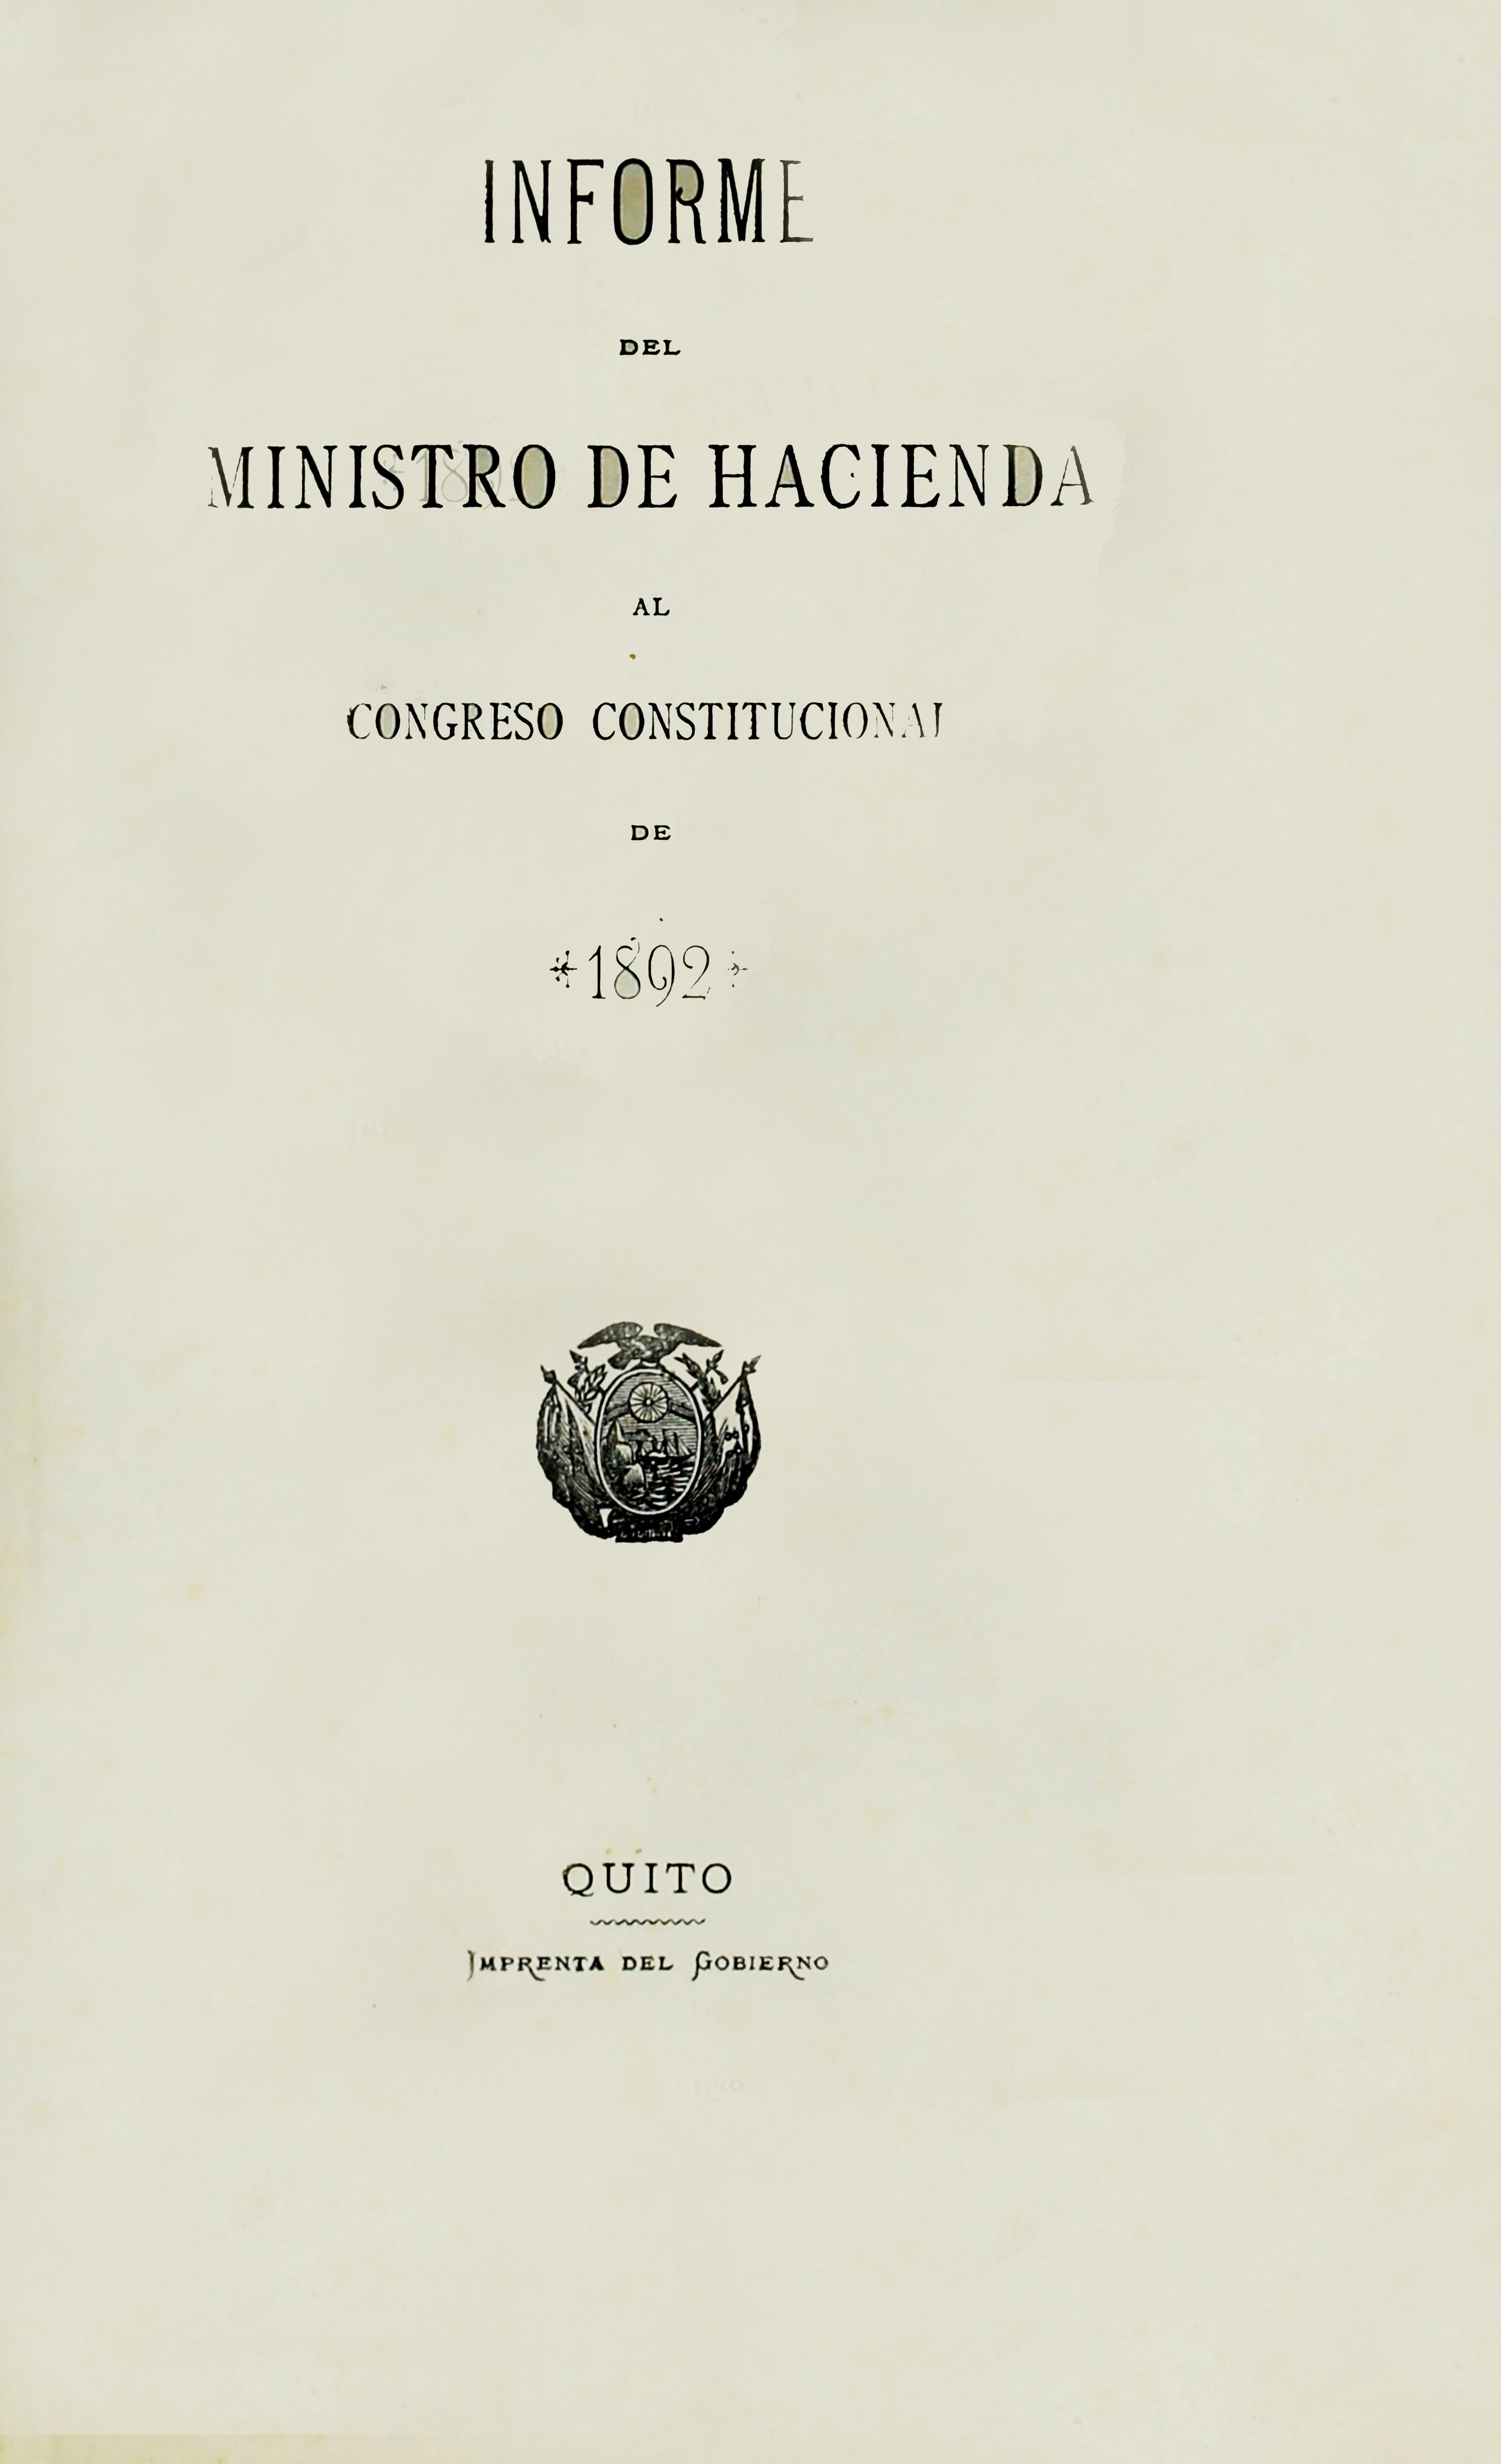 Informe del Ministro de Hacienda al Congreso Constitucional de 1892